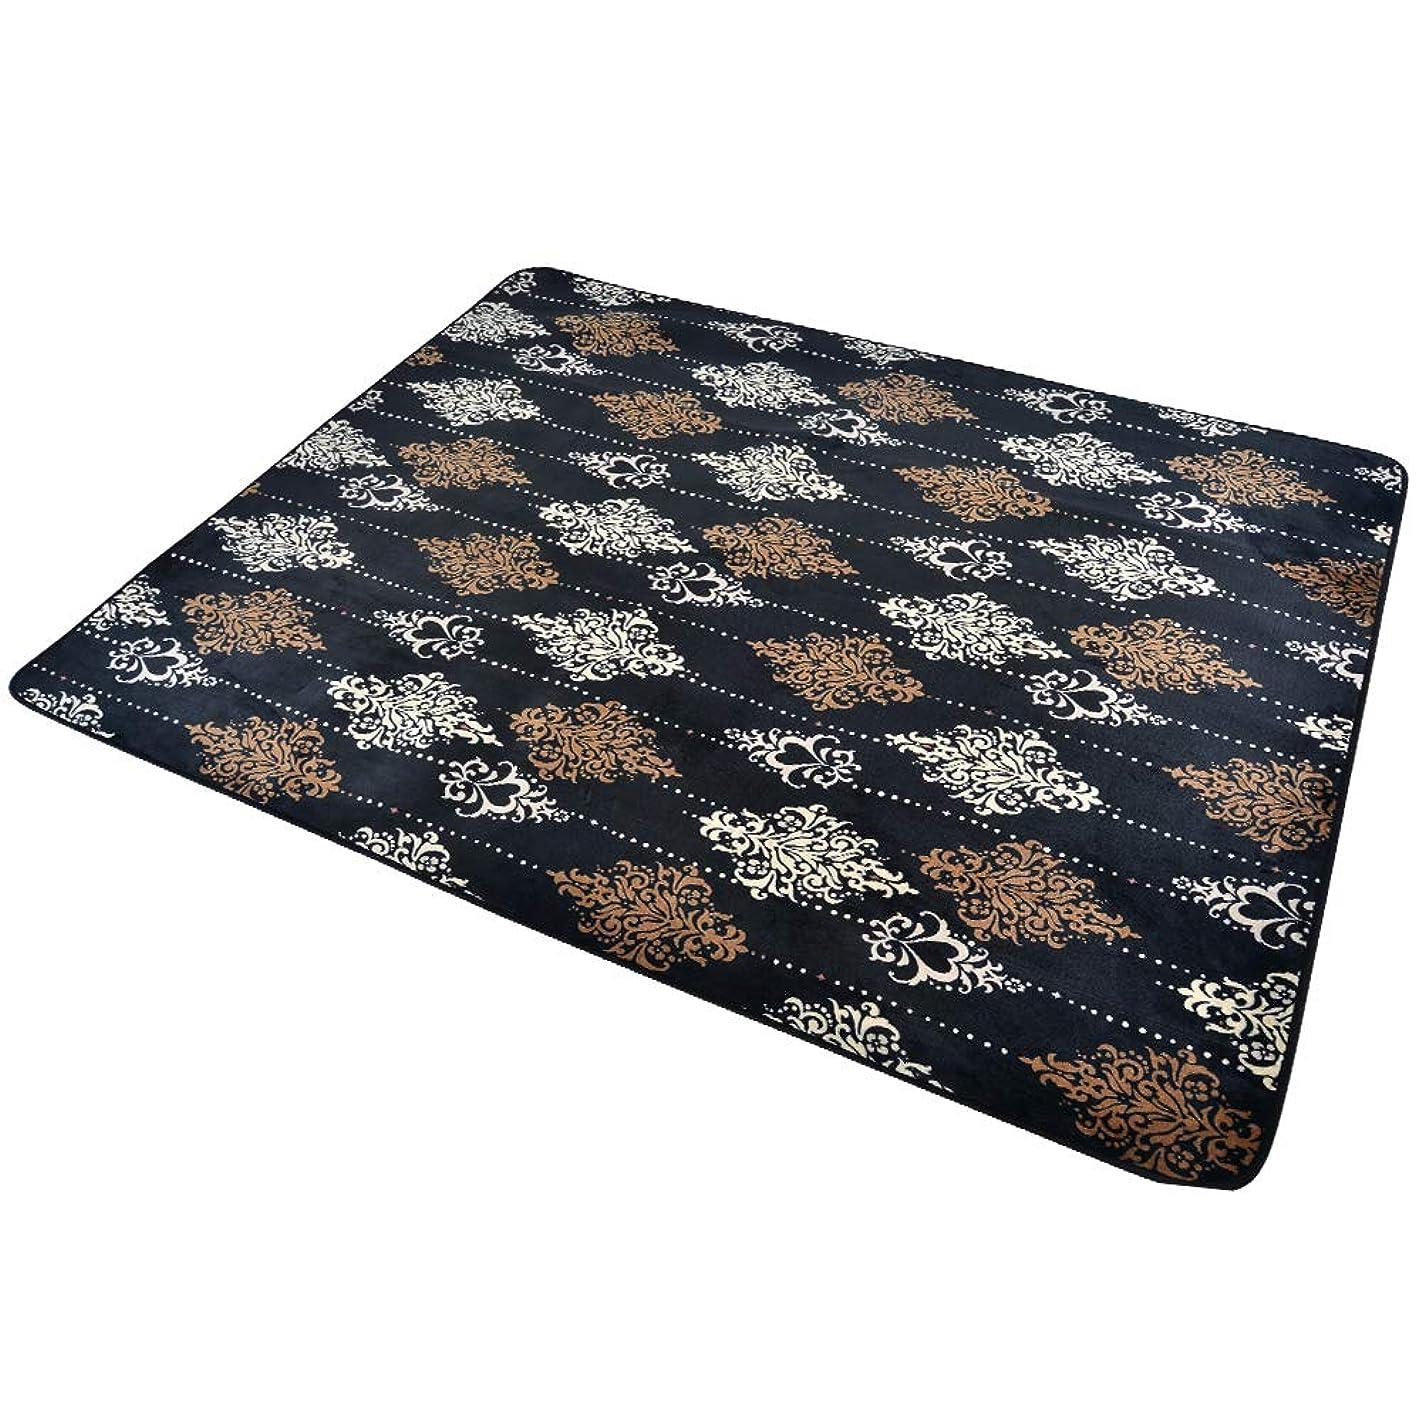 ボタン基本的なスクラップOSJ カーペット 洗えるラグ 抗菌防臭 年中使える 床暖房対応 おしゃれ コーヒー 190×240